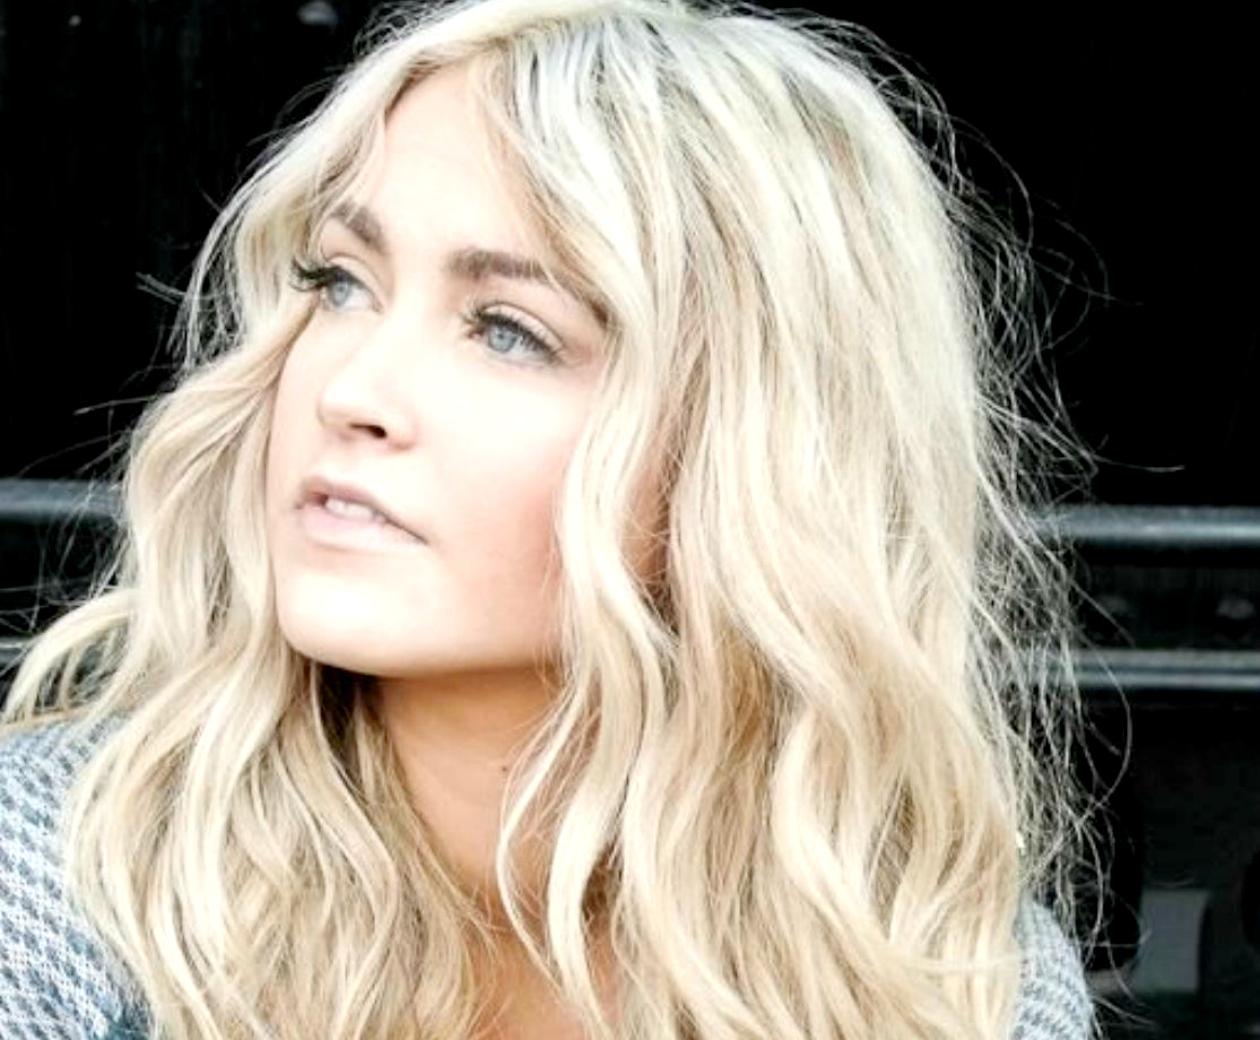 Εύκολος τρόπος για να αποκτήσετε κυματιστά μαλλιά (βίντεο)